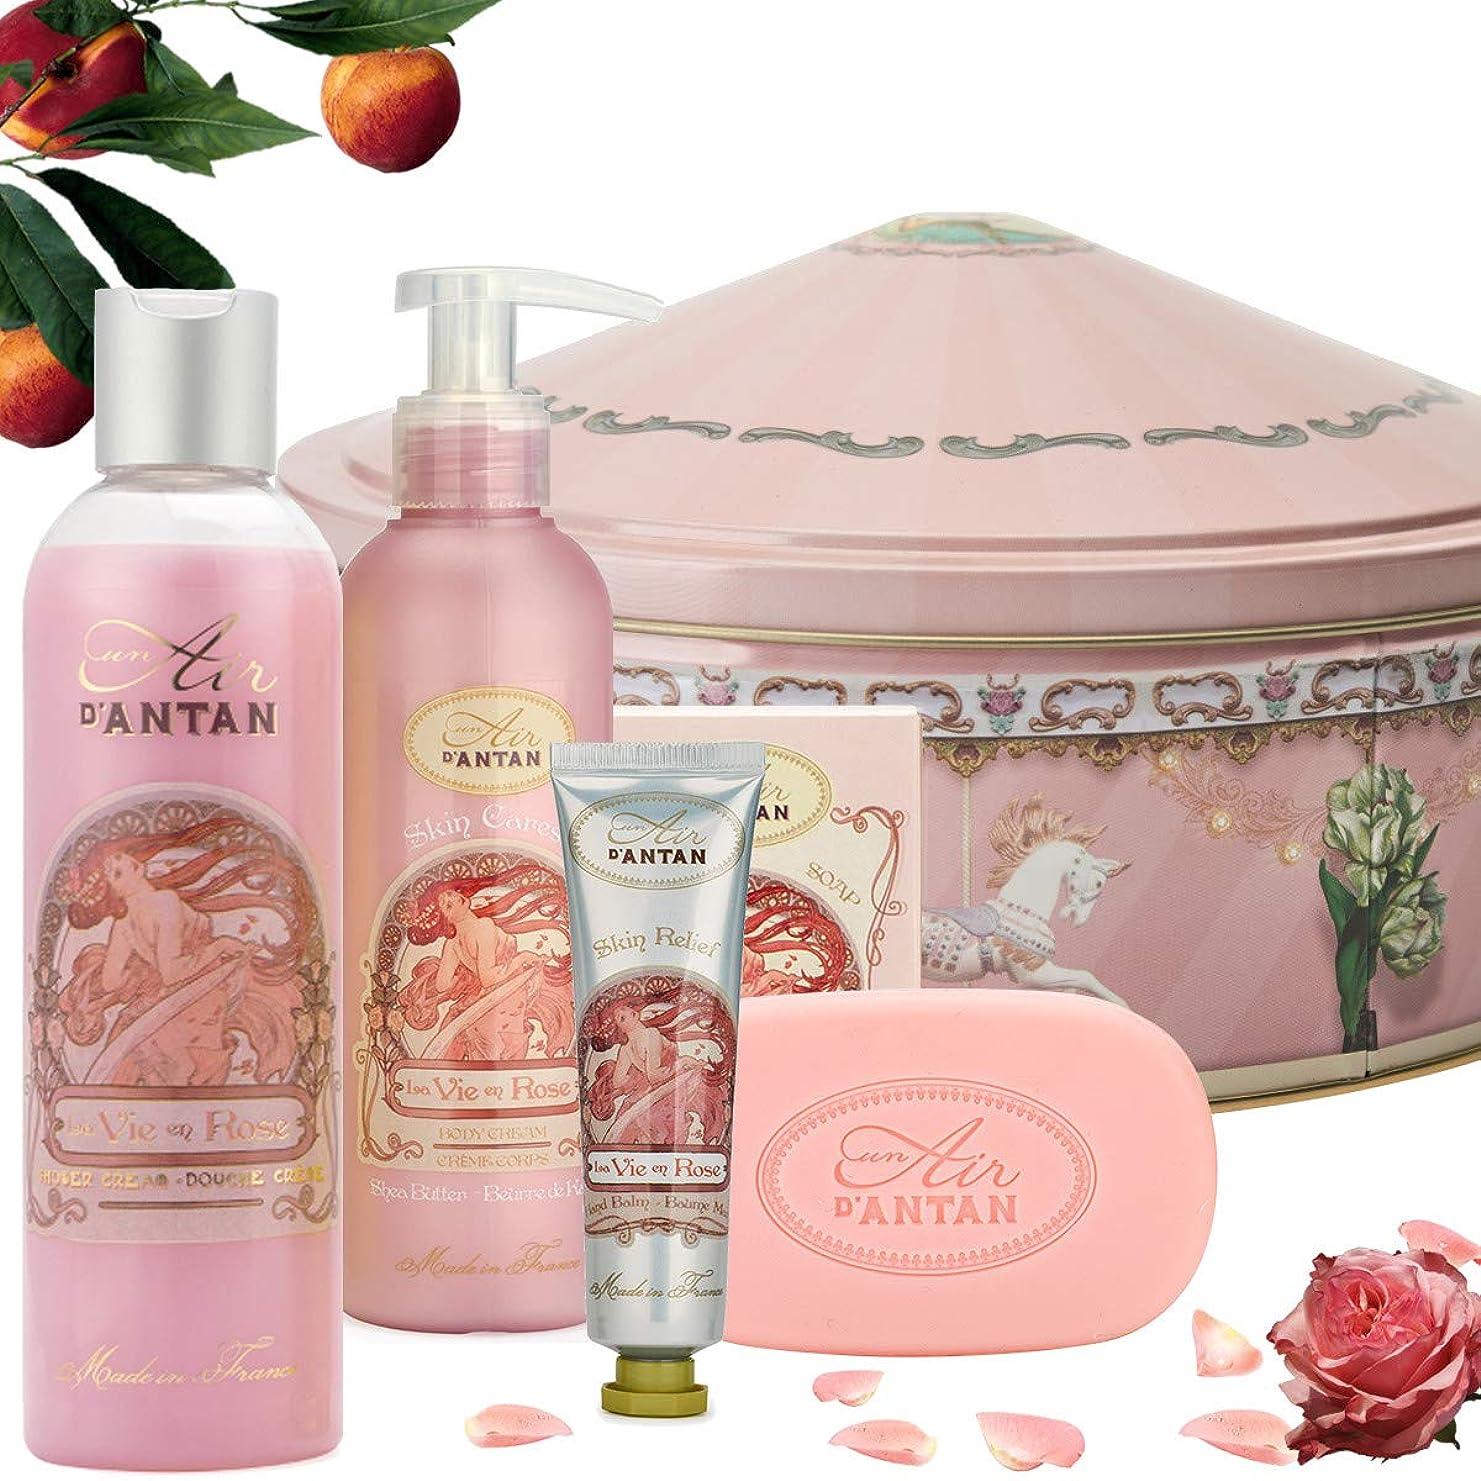 医療のかわす資源La Vie En Rose ウーマンビューティーセット (250 ml)- シャワージェル (25ml)- フラワーハンドクリーム. (200 ml) - ボディミルク-石鹸 (100g) - ピンクの香水、パチョリ、ピーチ、- Un Air d'Antan 昨年の空気